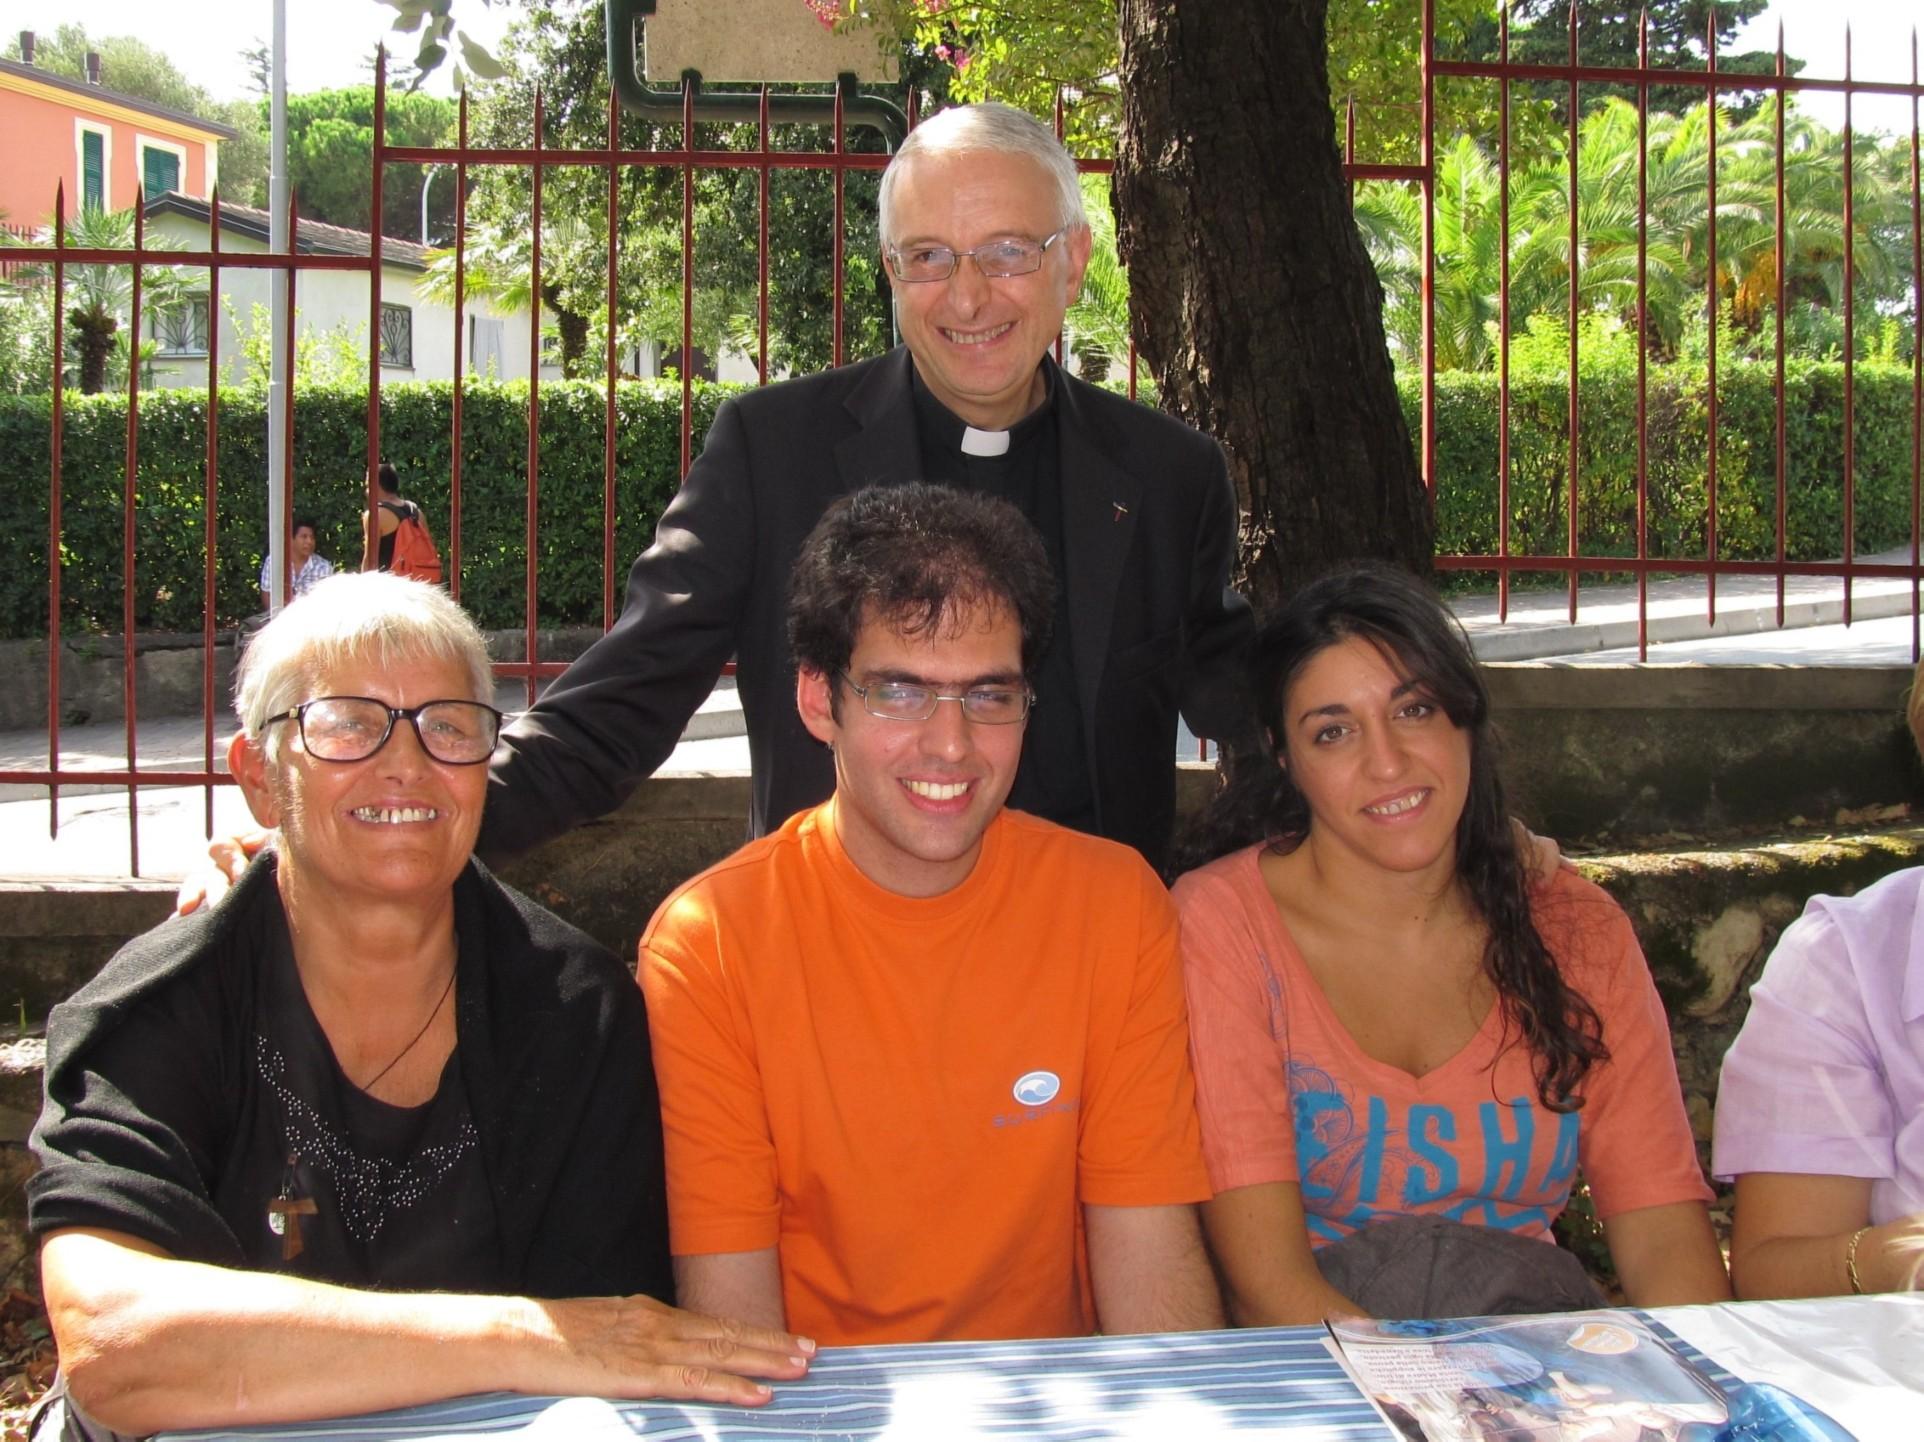 giornata_comunita_arenzano-2013-09-22-13-41-31